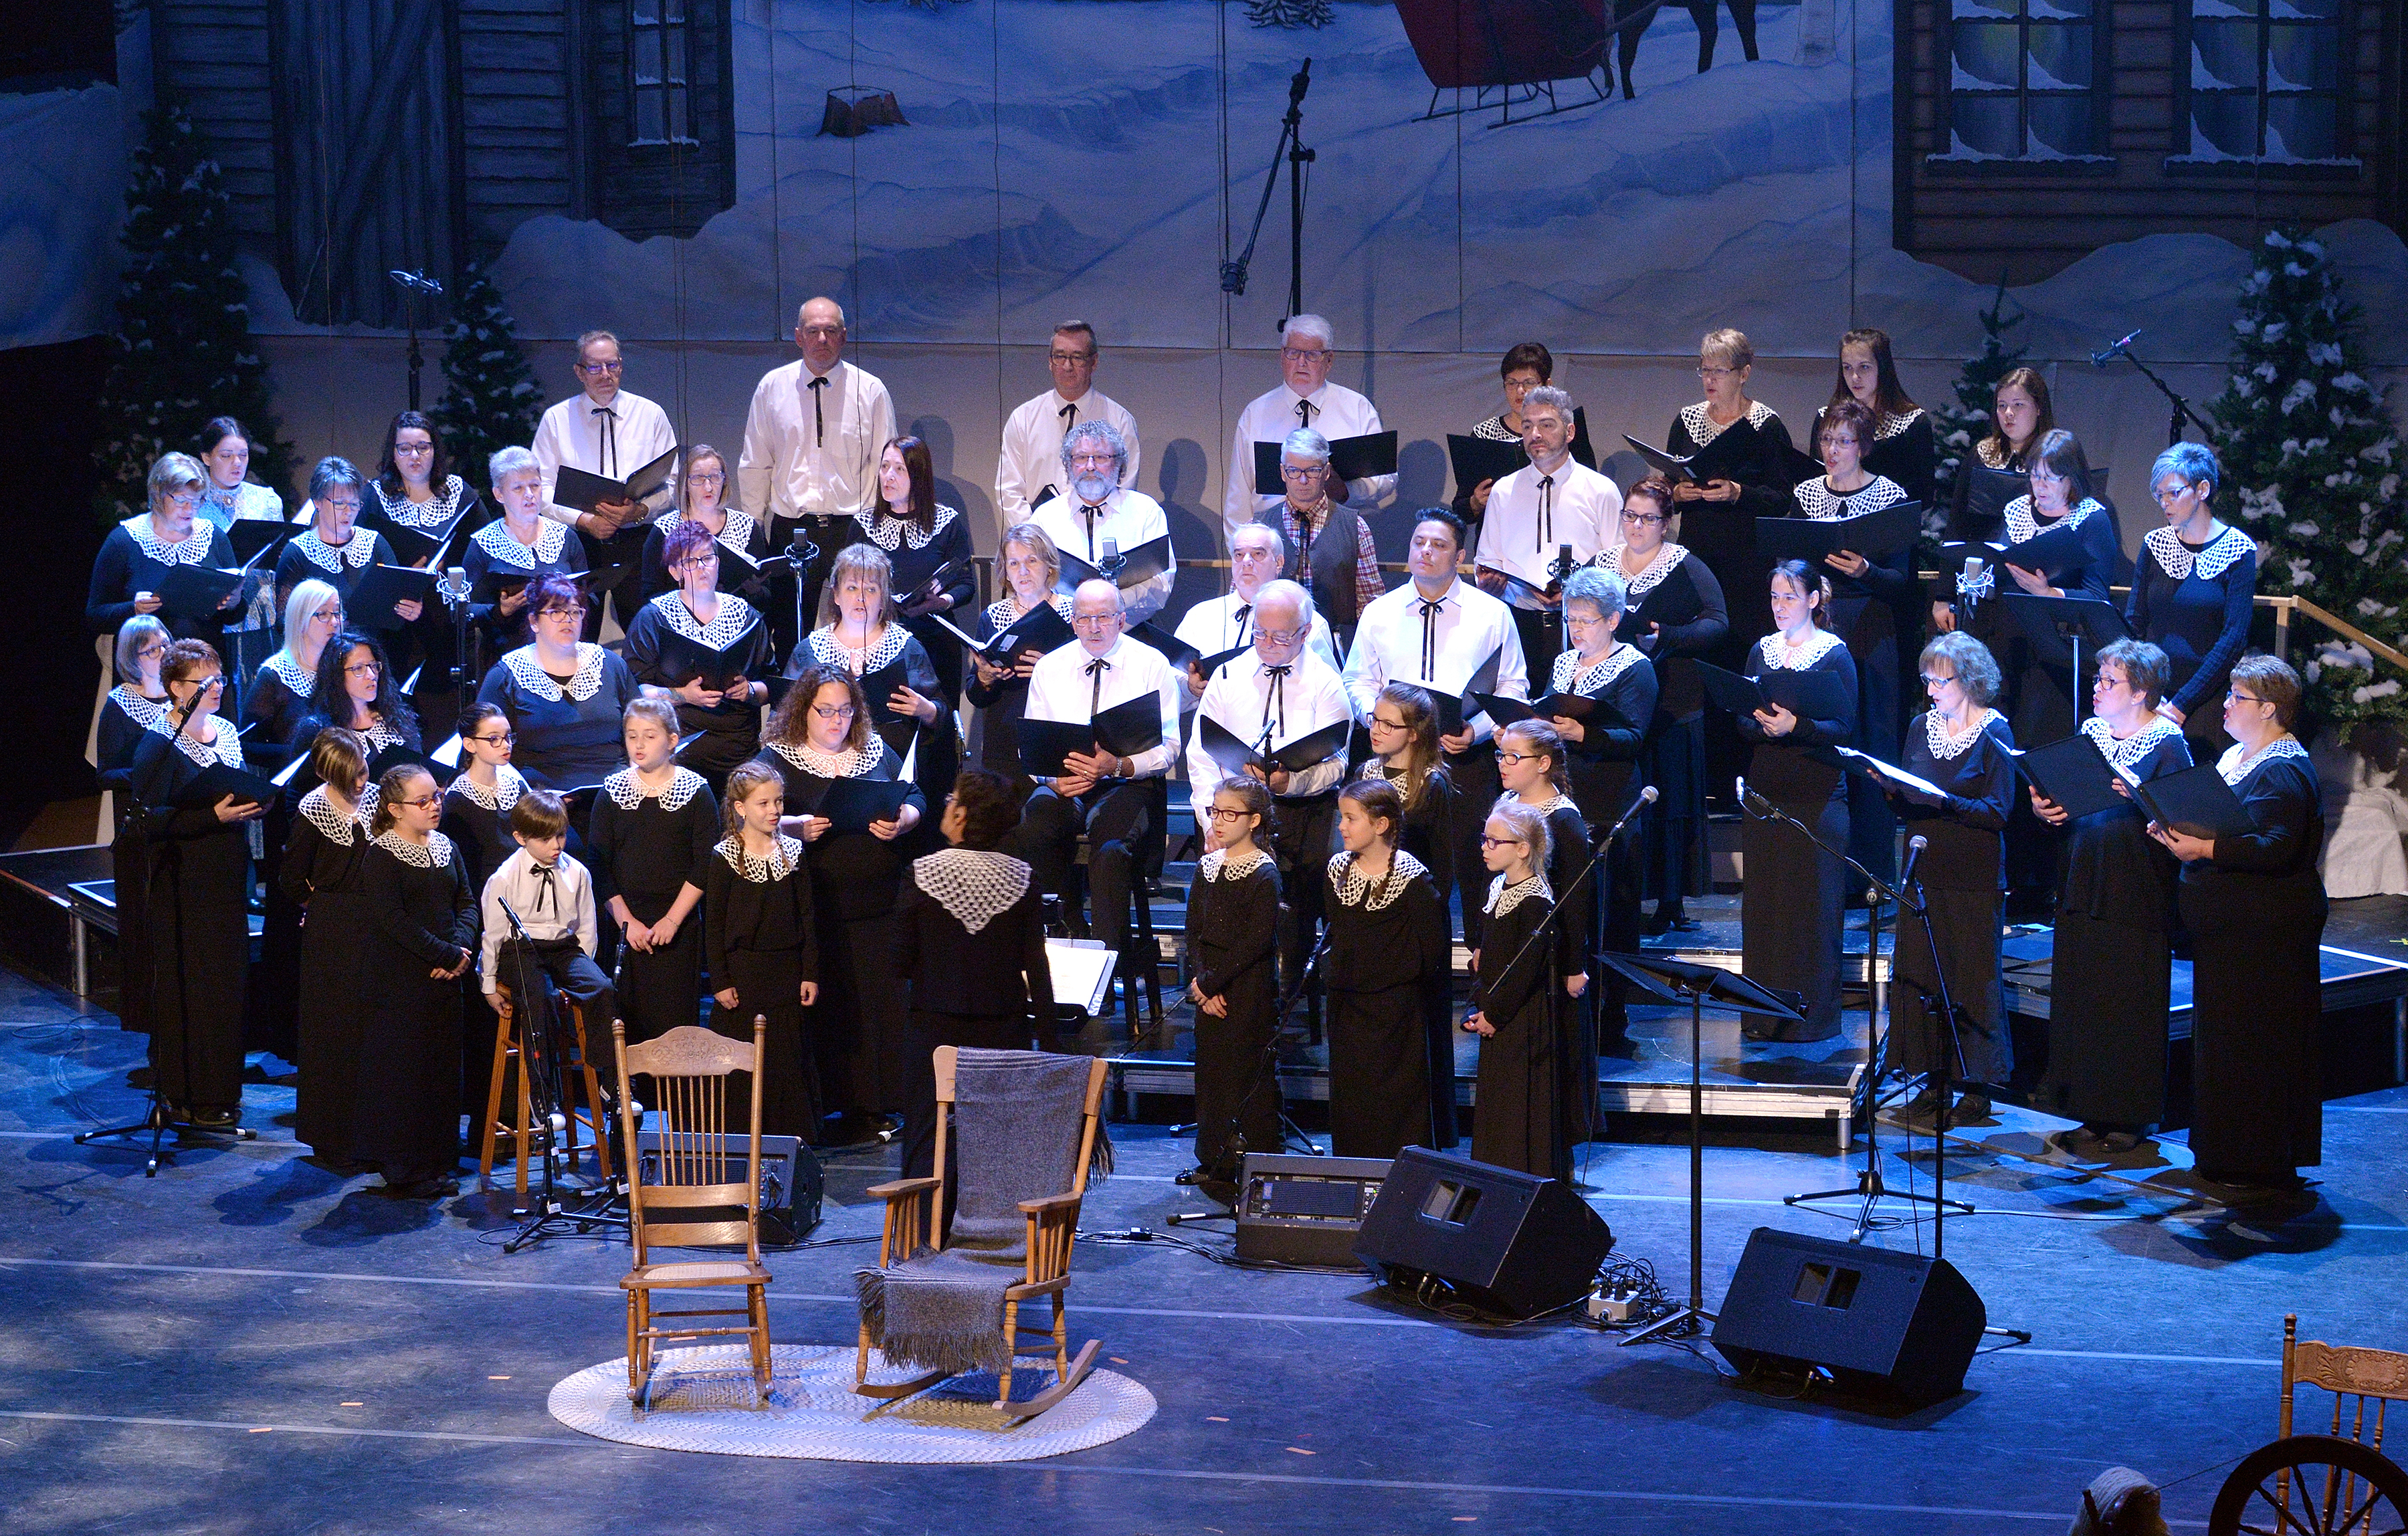 Concert de la Chorale de Sainte-Agnès: Vive Noël au théâtre!